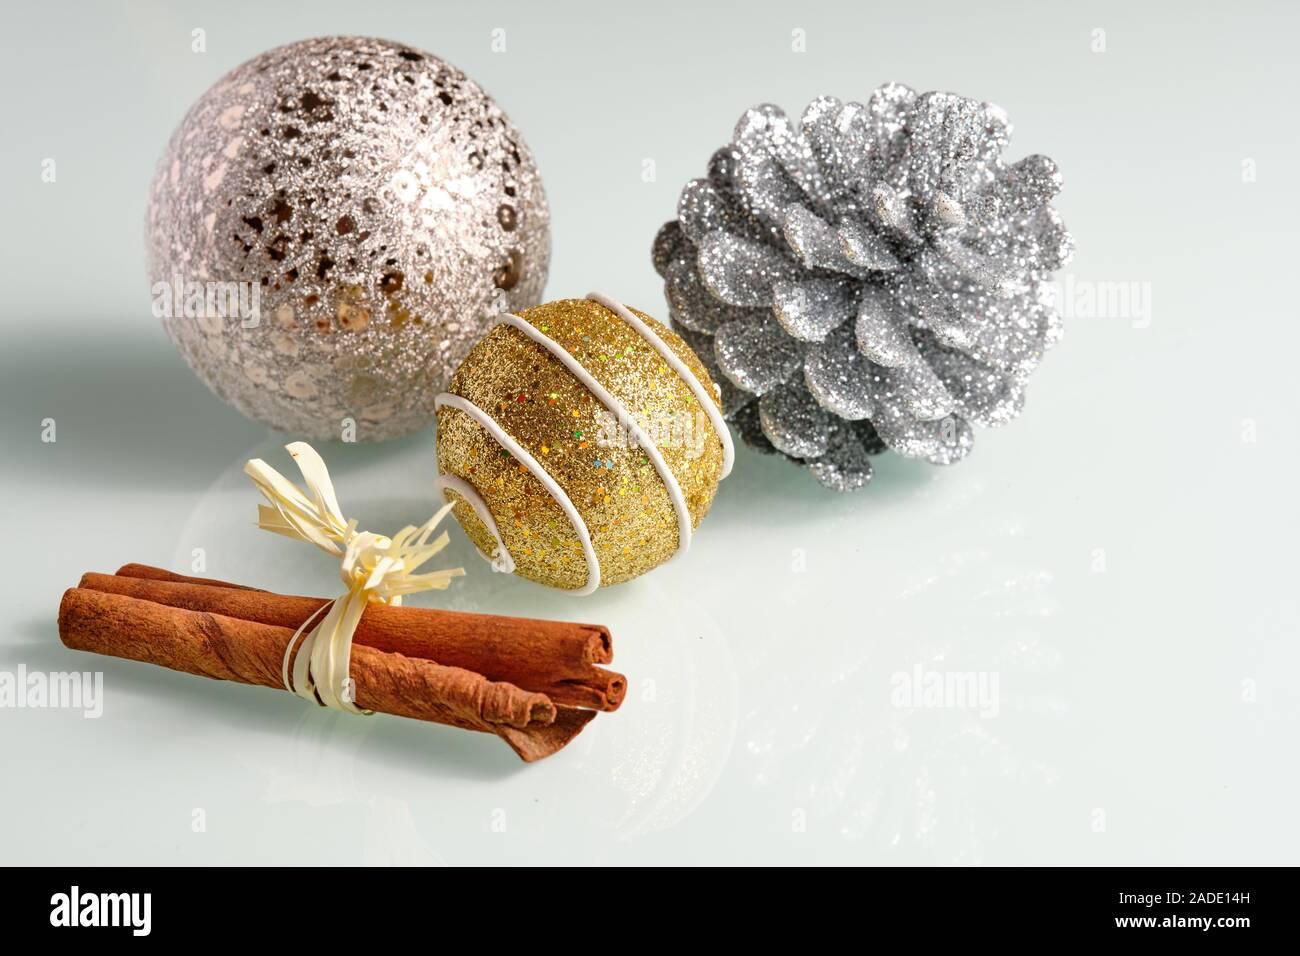 Todavía brillante vida sobre una placa de vidrio blanco con fondo plateado, dorado y marrón de la decoración de navidad Foto de stock